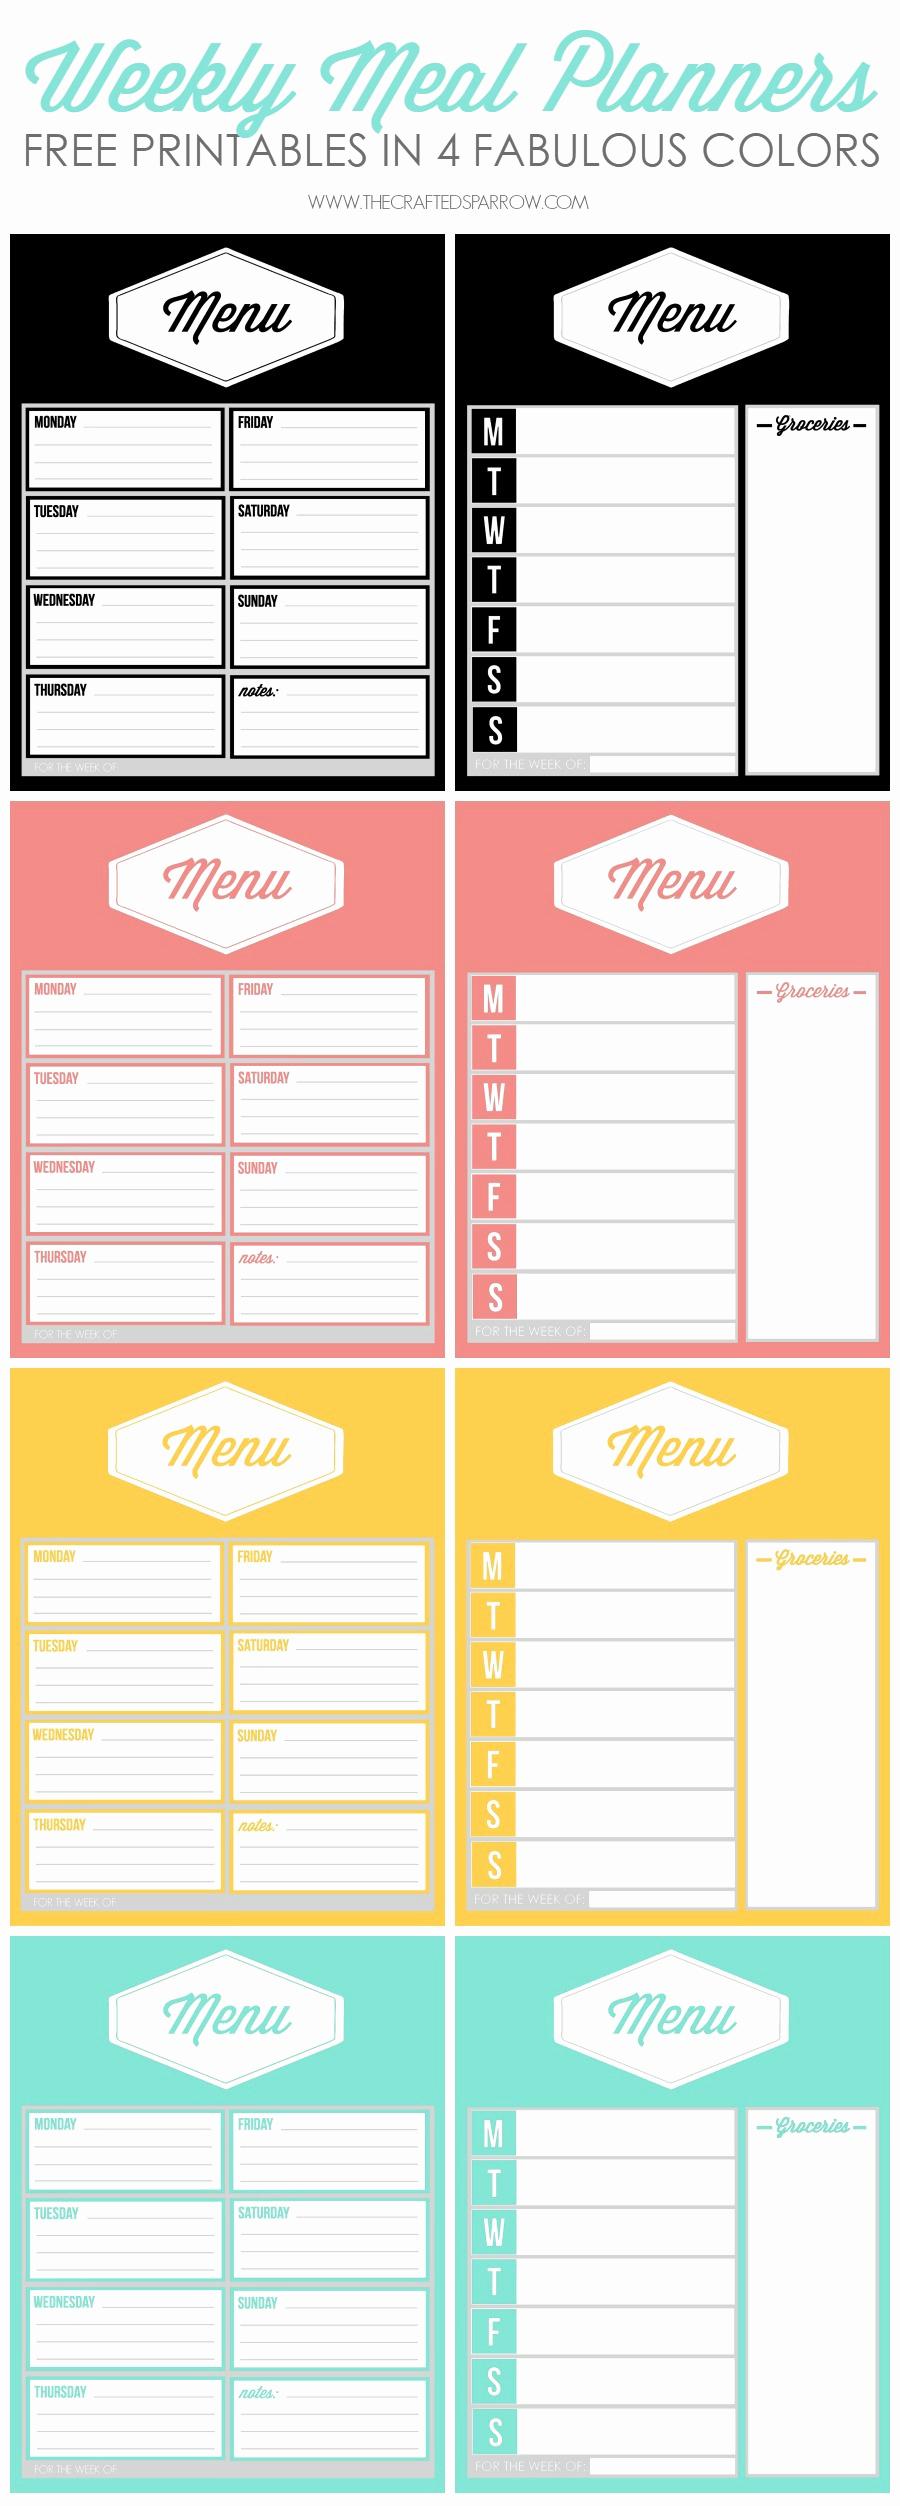 Free Meal Planner Template Elegant Free Printable Weekly Meal Planners